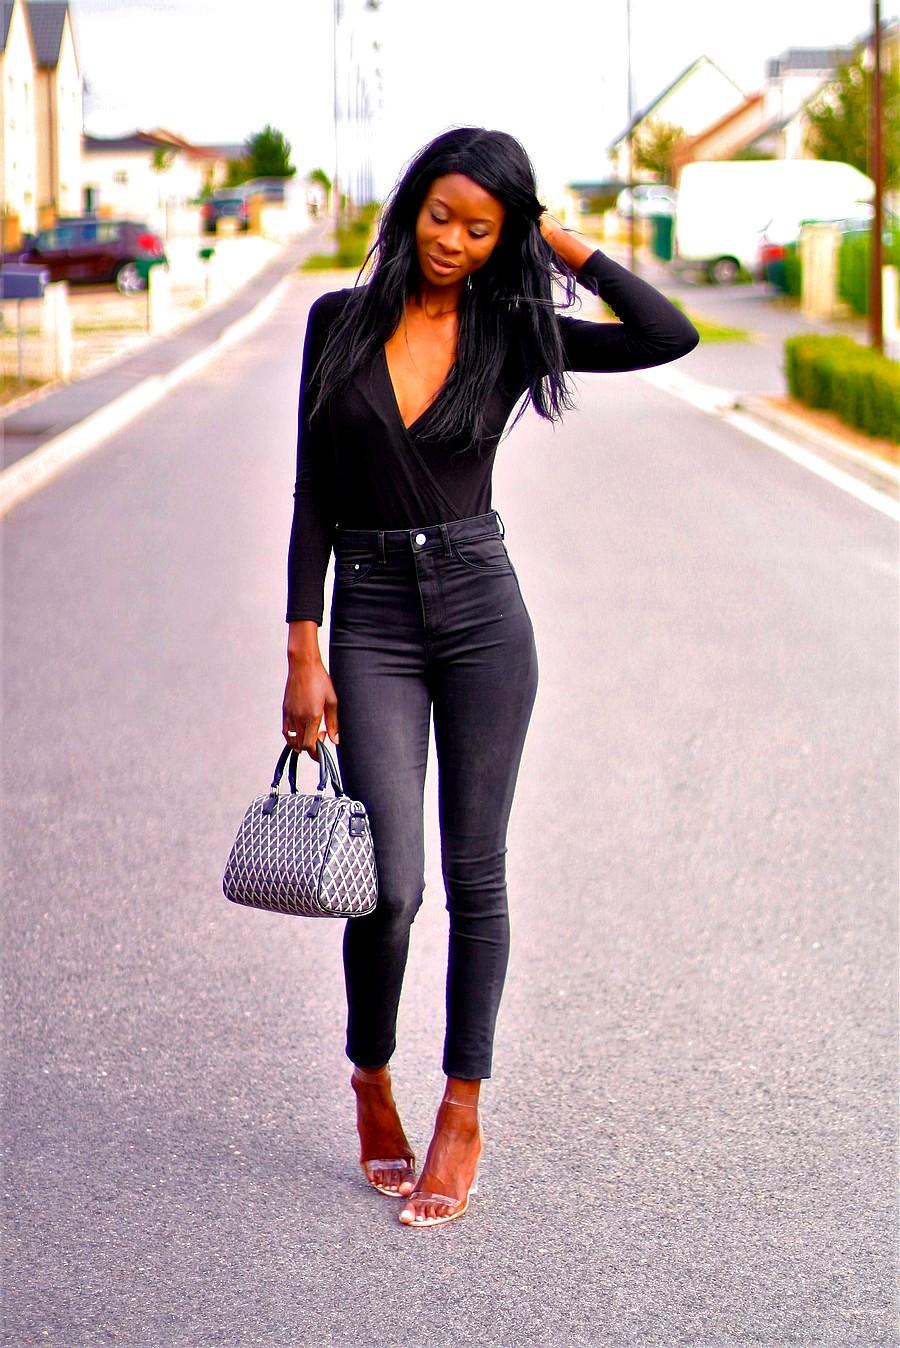 ootd-black-bodysuit-high-waist-jeans-perspex-heels-ikon-lancaster-bag